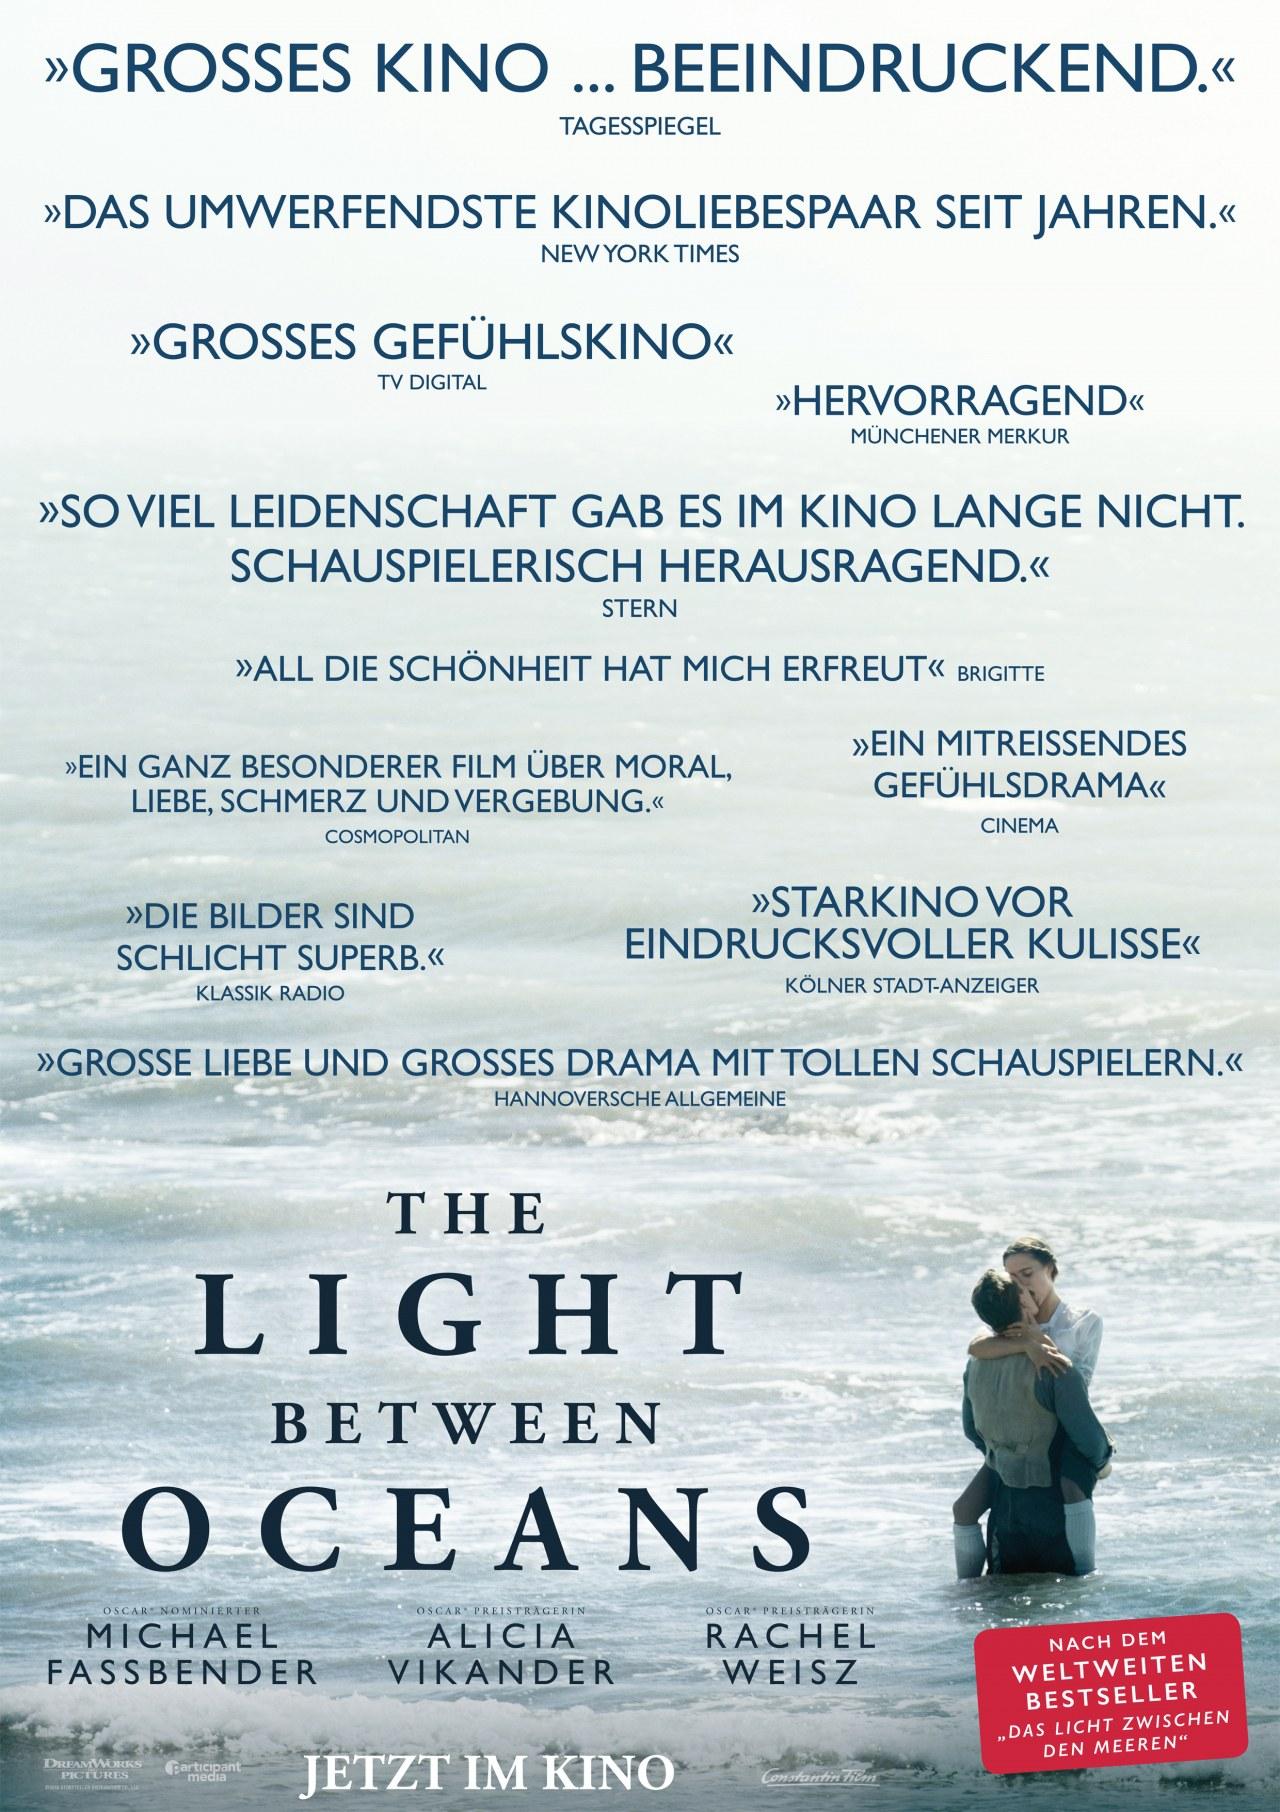 The Light Between Oceans - Bild 1